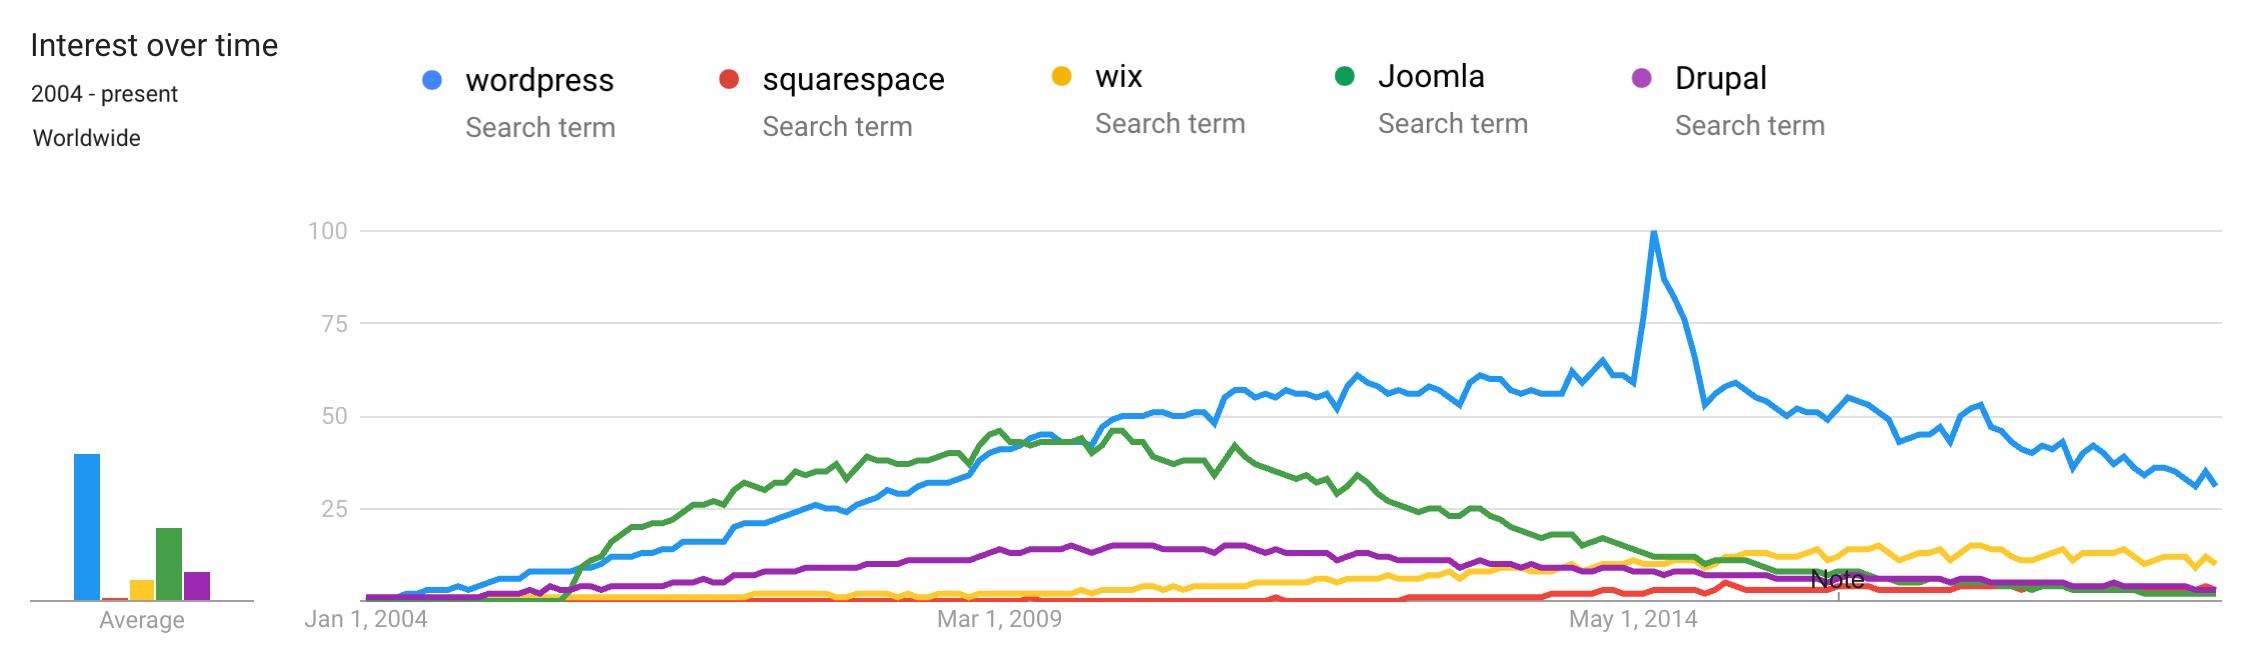 WordPress trends versus andere CMS'en